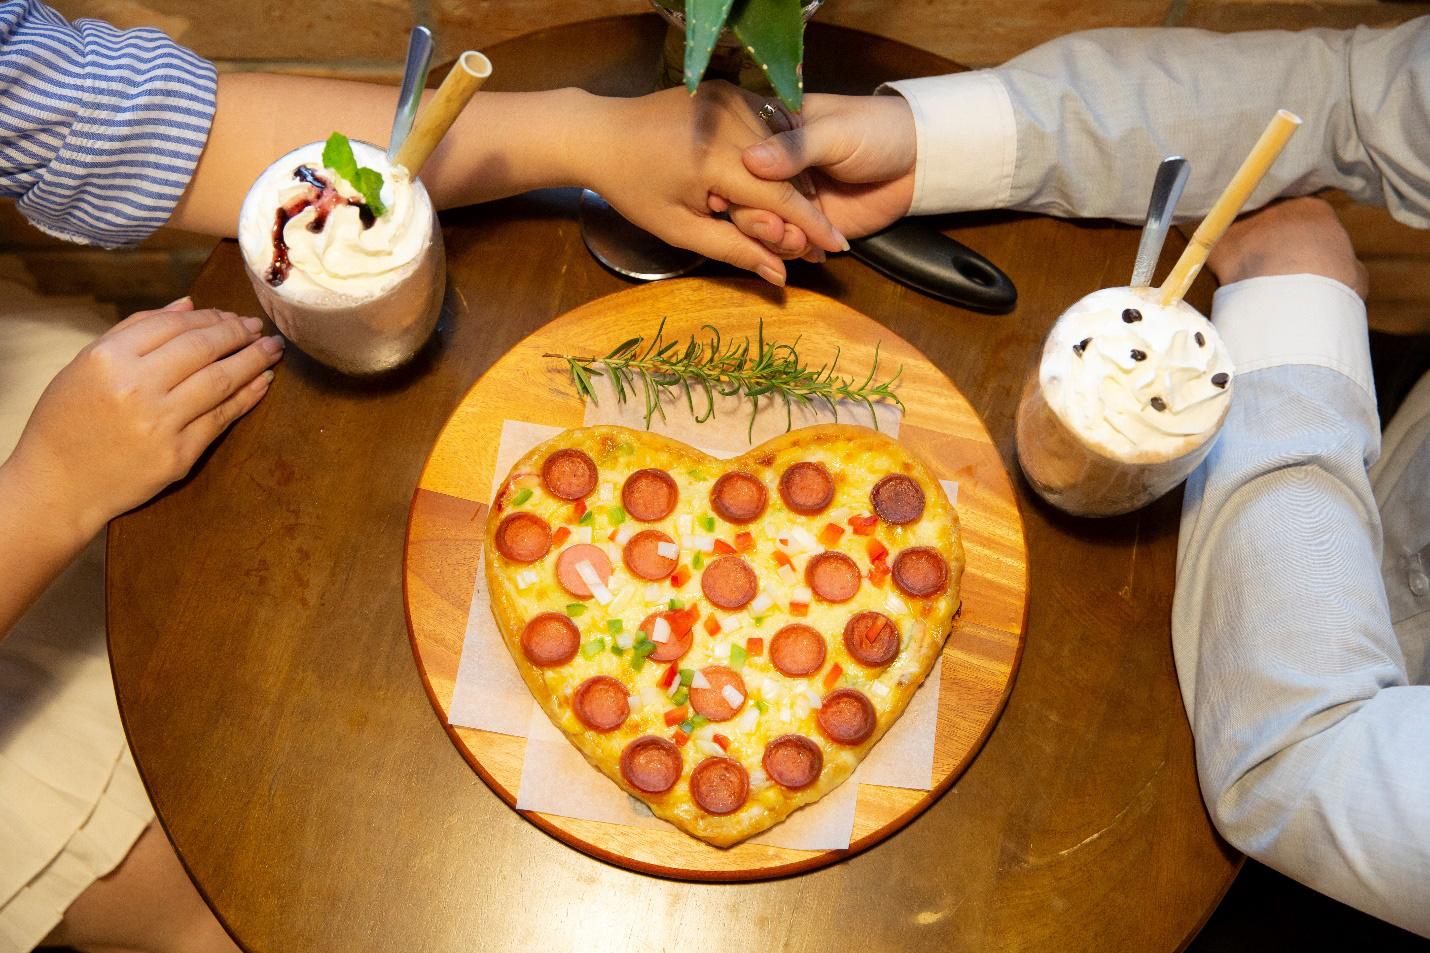 Quá sức độc đáo với bánh pizza hình trái tim và ngôi sao tại Thiên Hạt Coffee, đẹp khiến không nỡ ăn - Ảnh 1.